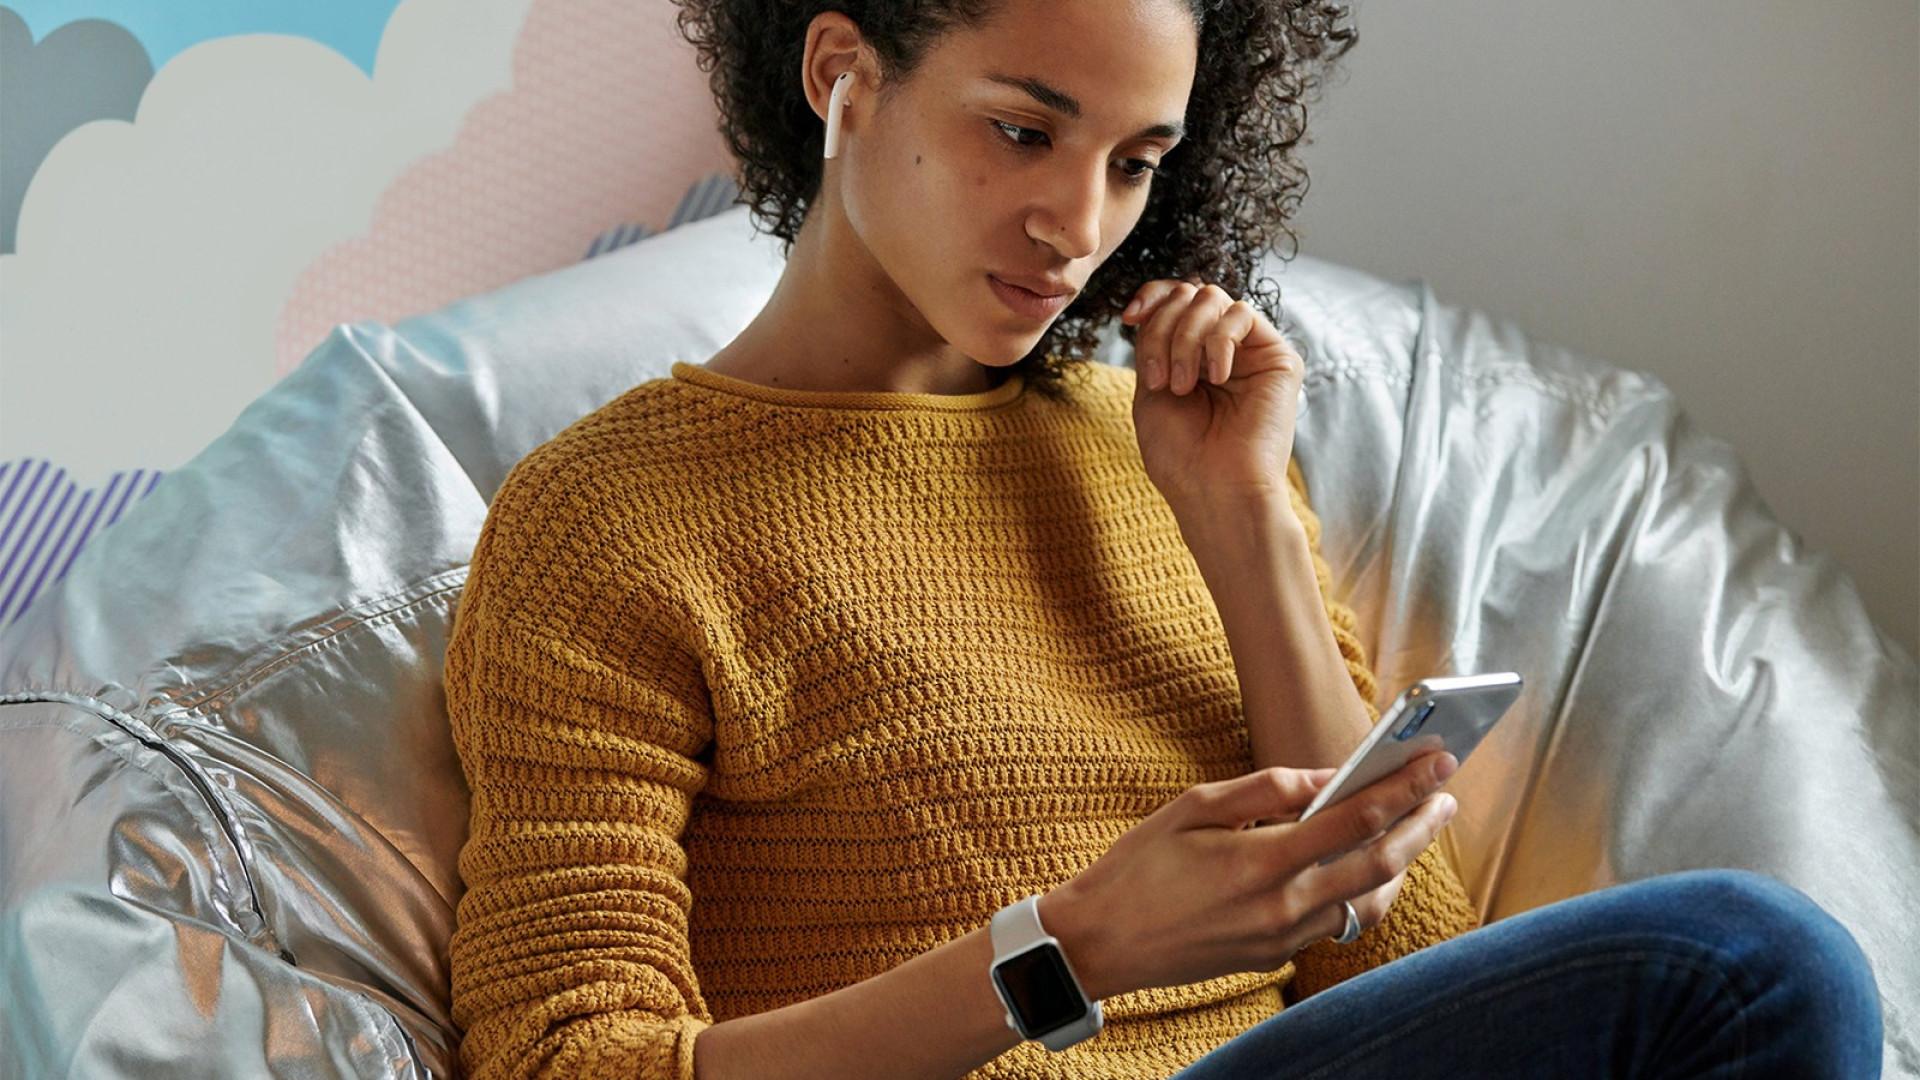 Uso de phones pode levar a infeções de ouvido, alerta especialista